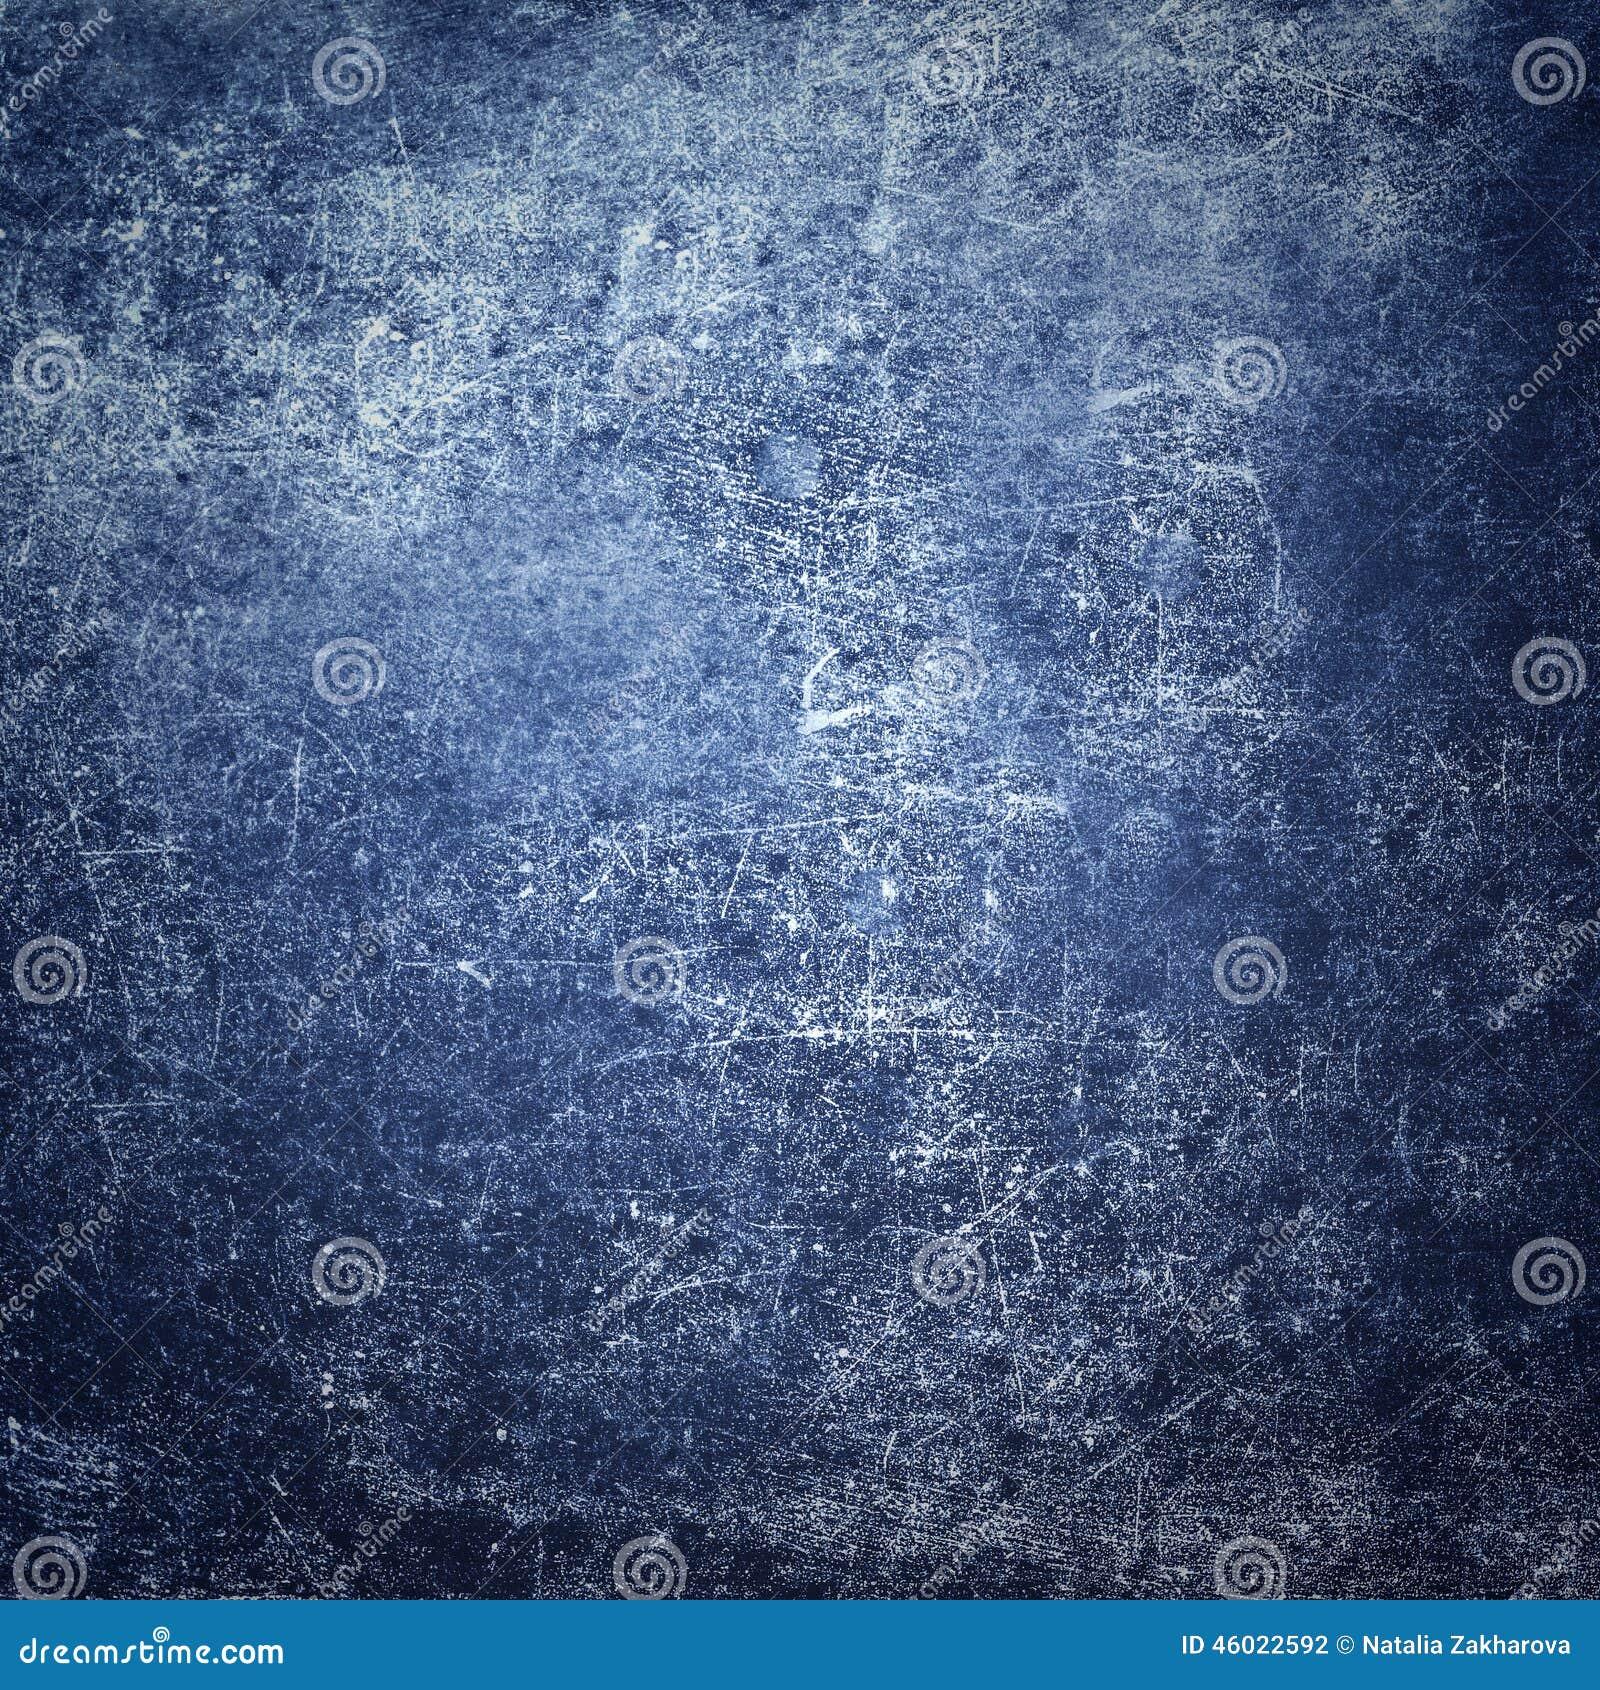 vintage dark blue background - photo #38